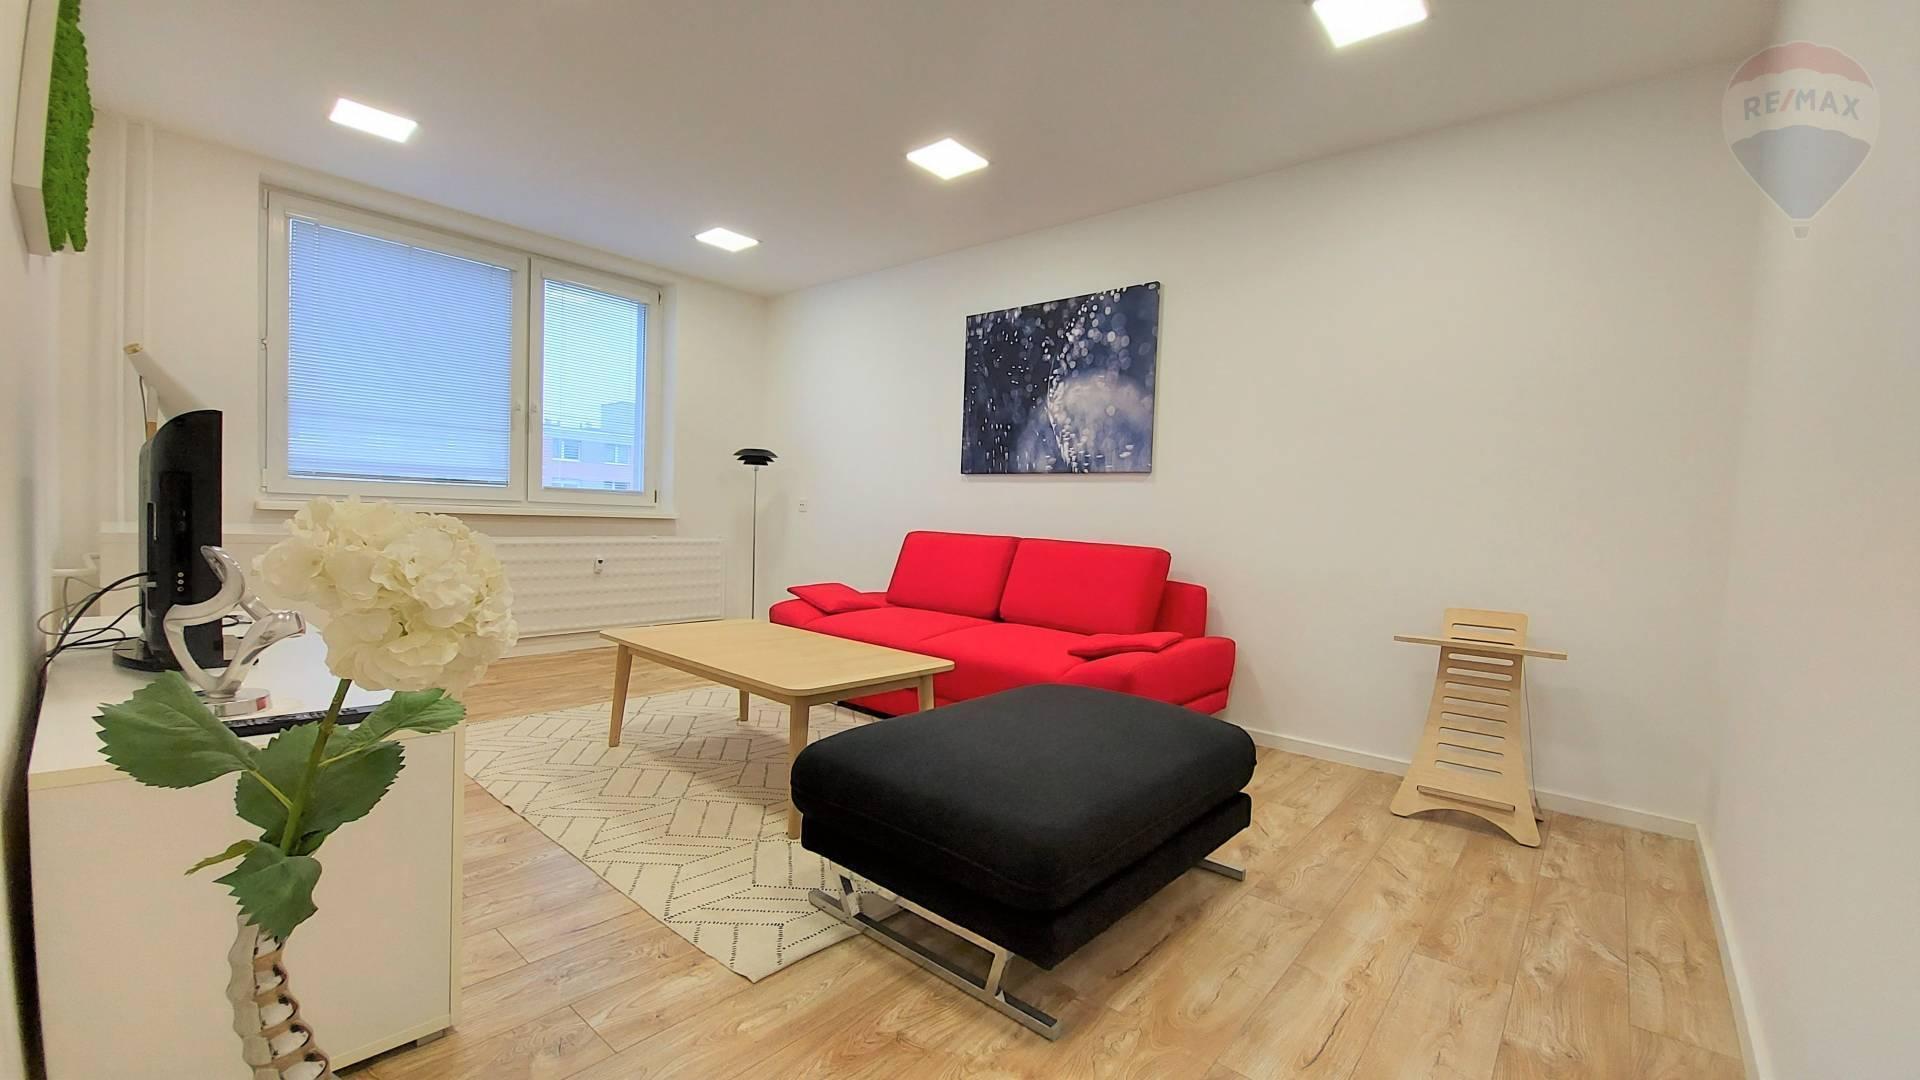 Predaj 2 i. byt so samostatnou kuchyňou po kompletnej rekonštrukcii, loggia, pivnica, Sputniková ul.